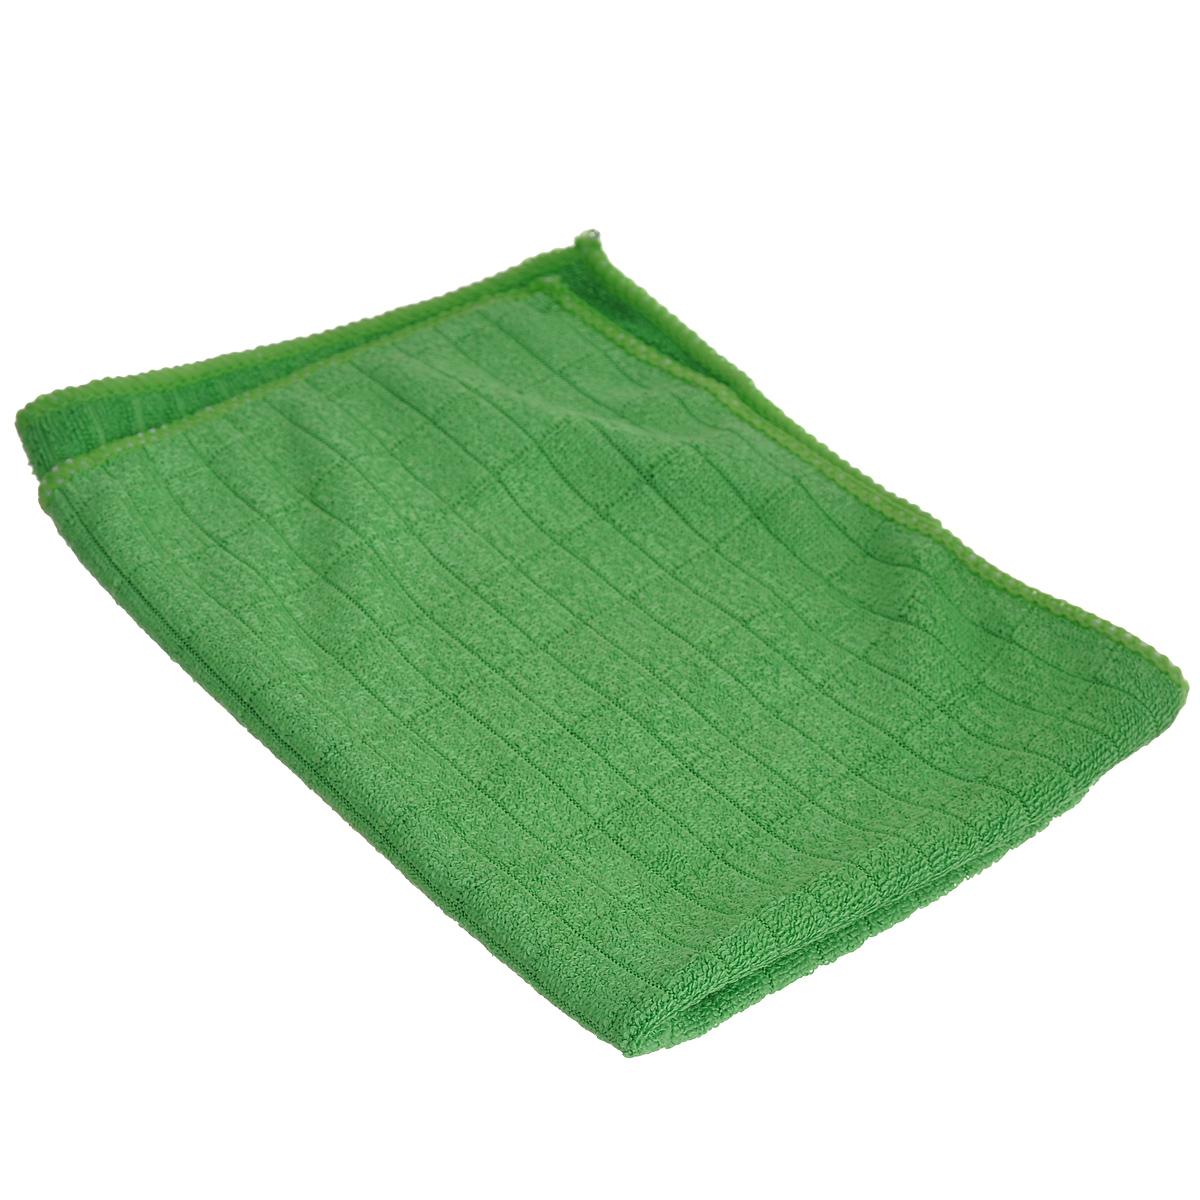 Салфетка для мытья и полировки автомобиля Sapfire Micro Lines, цвет: зеленый, 30 х 40 см3005-SFMСалфетка Sapfire Micro Lines выполнена из высококачественного полиэстера и полиамида. Каждая нить после специальной химической обработки расщепляется на 12-16 клиновидных микроволокон. Микрофибровое полотно удаляет грязь с поверхности намного эффективнее, быстрее и значительно более бережно в сравнении с обычной тканью, что существенно снижает время на проведение уборки, поскольку отсутствует необходимость протирать одно и то же место дважды. Использовать салфетку можно для чистки как наружных, так и внутренних поверхностей автомобиля. Используя подобную мягкую ткань, можно проникнуть даже в самые труднодоступные места и эффективно очистить от пыли и бактерий все поверхности. Микрофибра устойчива к истиранию, ее можно быстро вернуть к первоначальному виду с помощью машинной стирки при малом количестве моющих средств. Состав: 80% полиэстер, 20% полиамид.